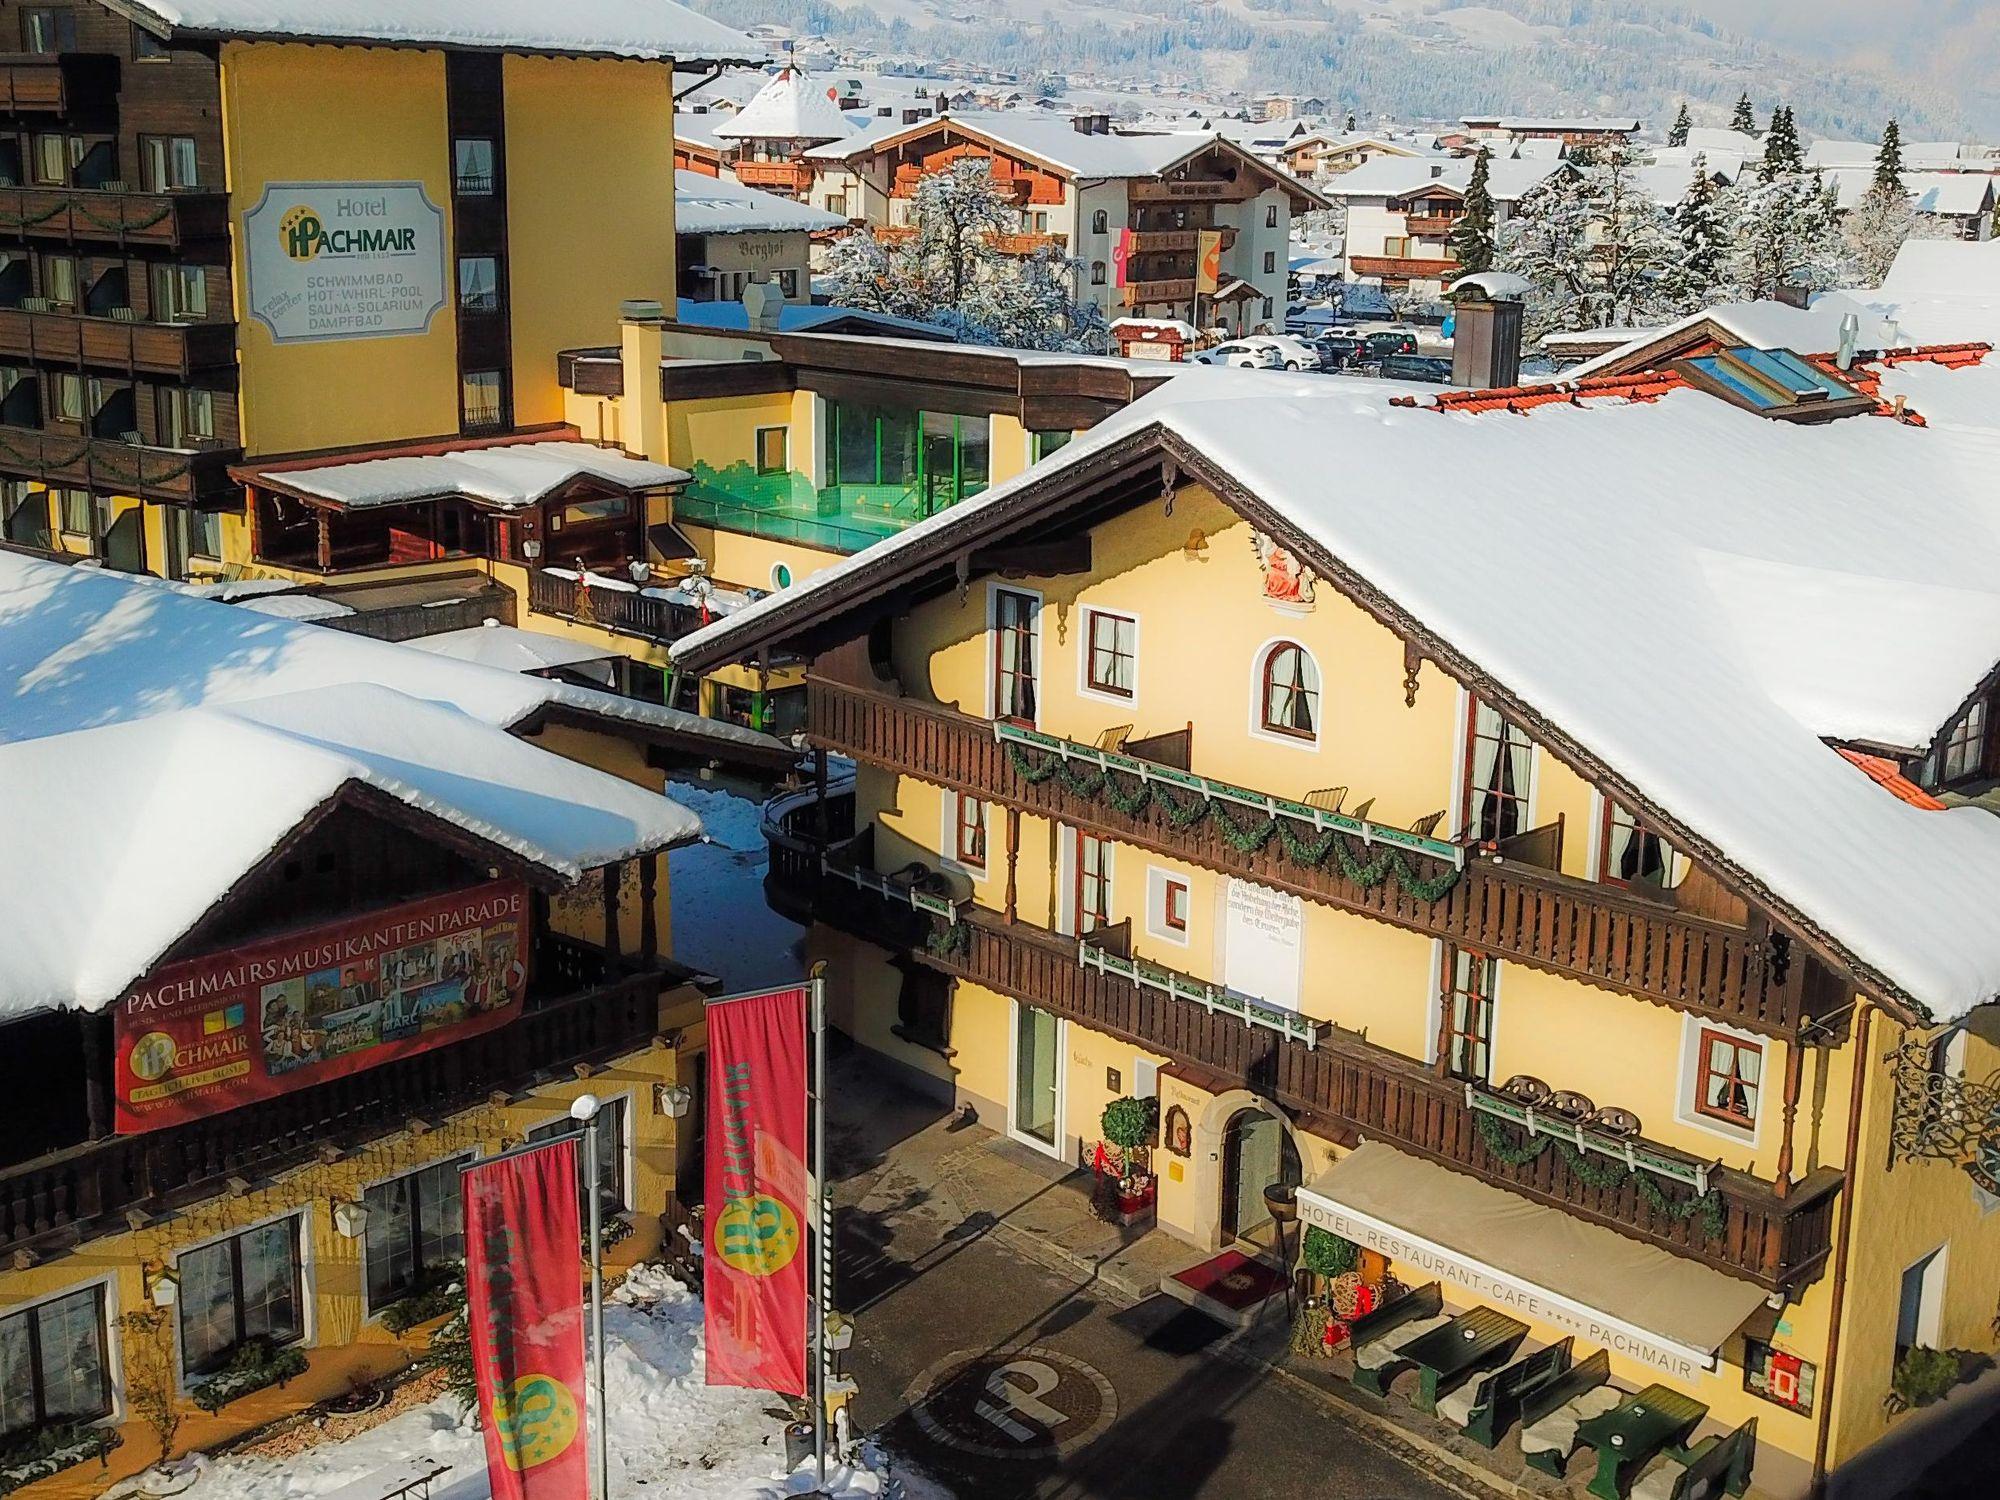 Das traditionsreiche Musikhotel Pachmair im Winter.